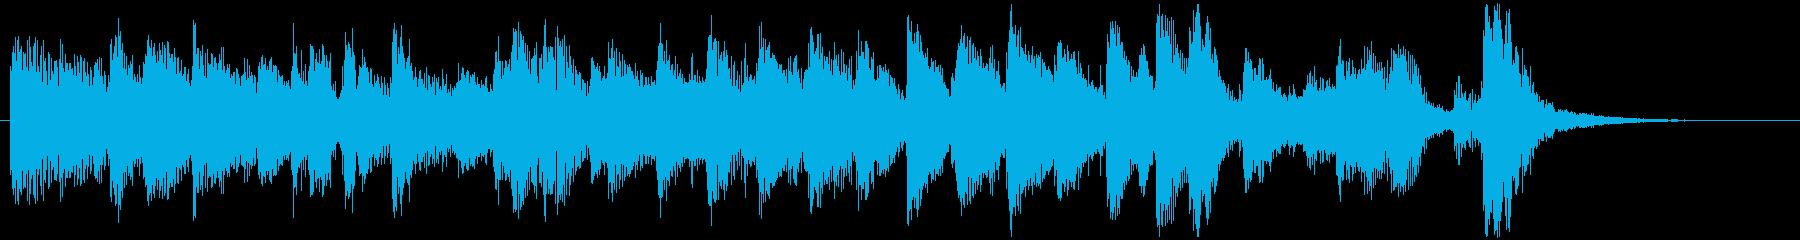 きらきらとしたピアノのジャズ風ジングルの再生済みの波形